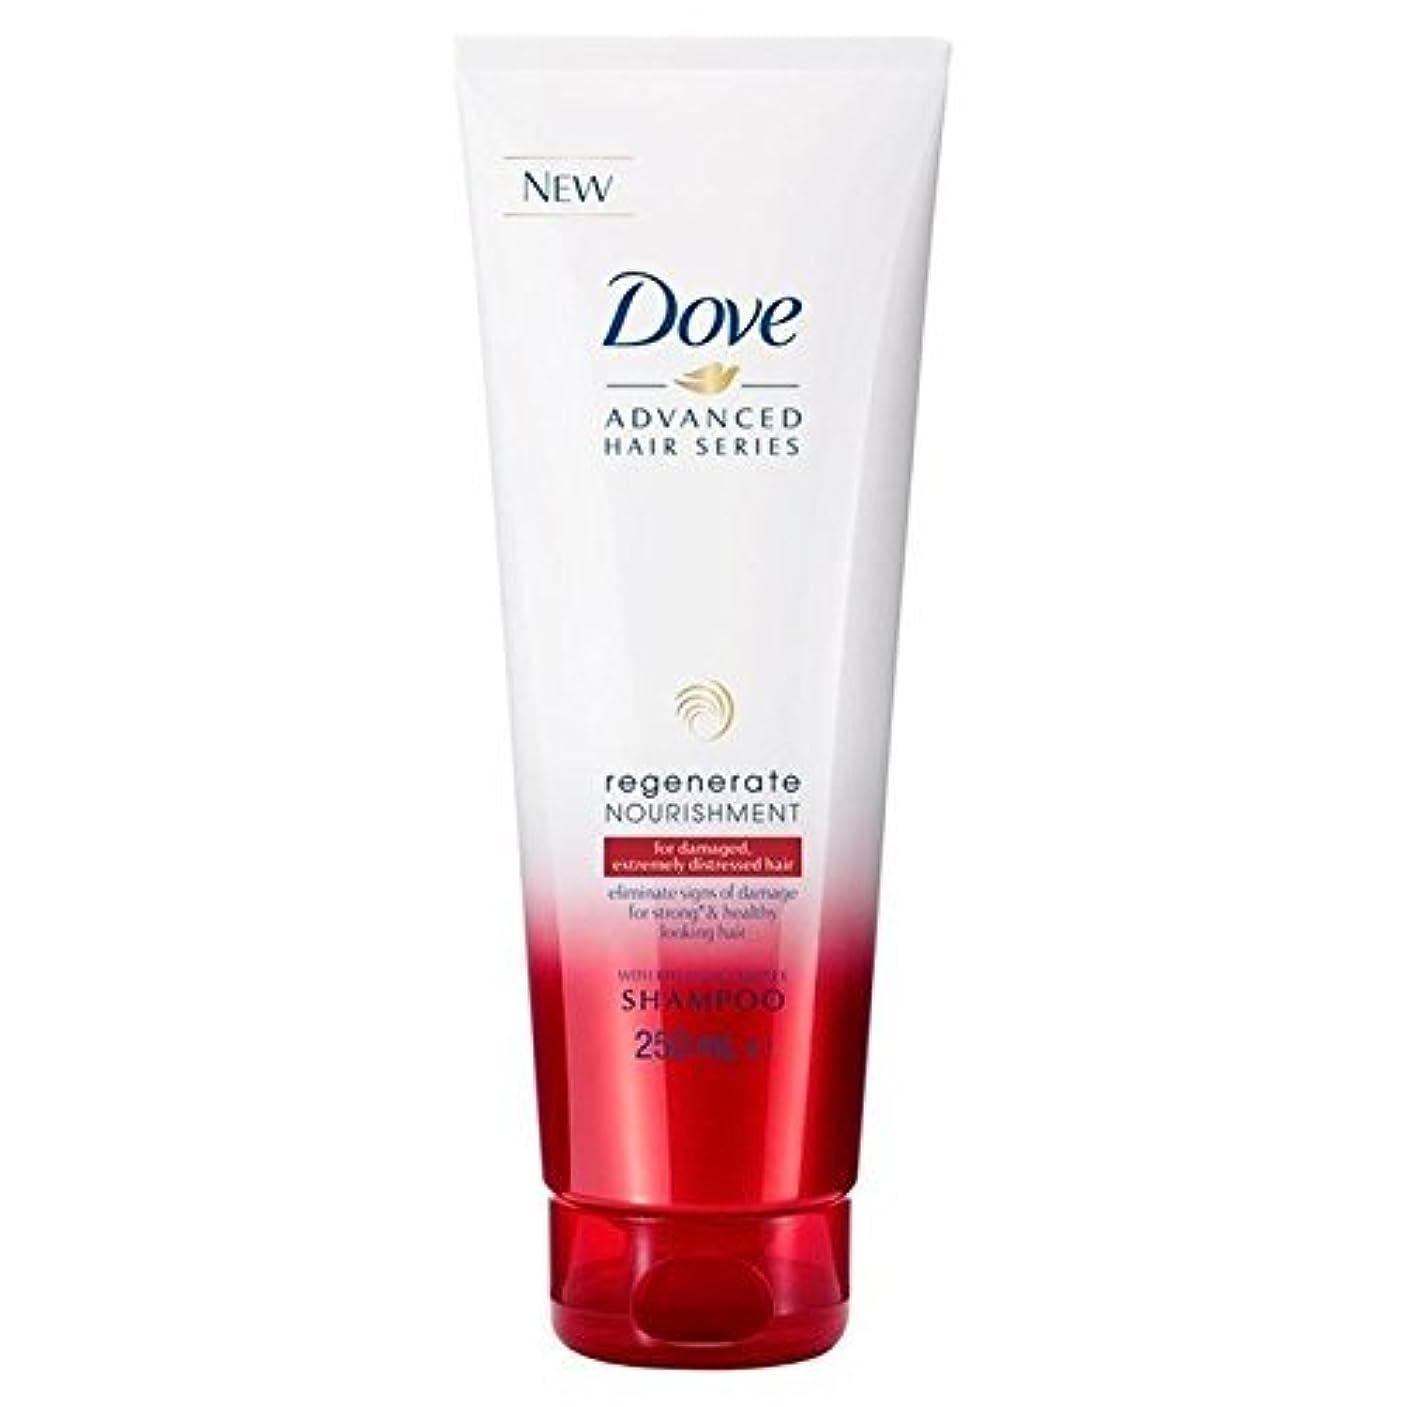 Dove Advanced Hair Series Regenerate Nourishment Conditioner 250ml by Dove